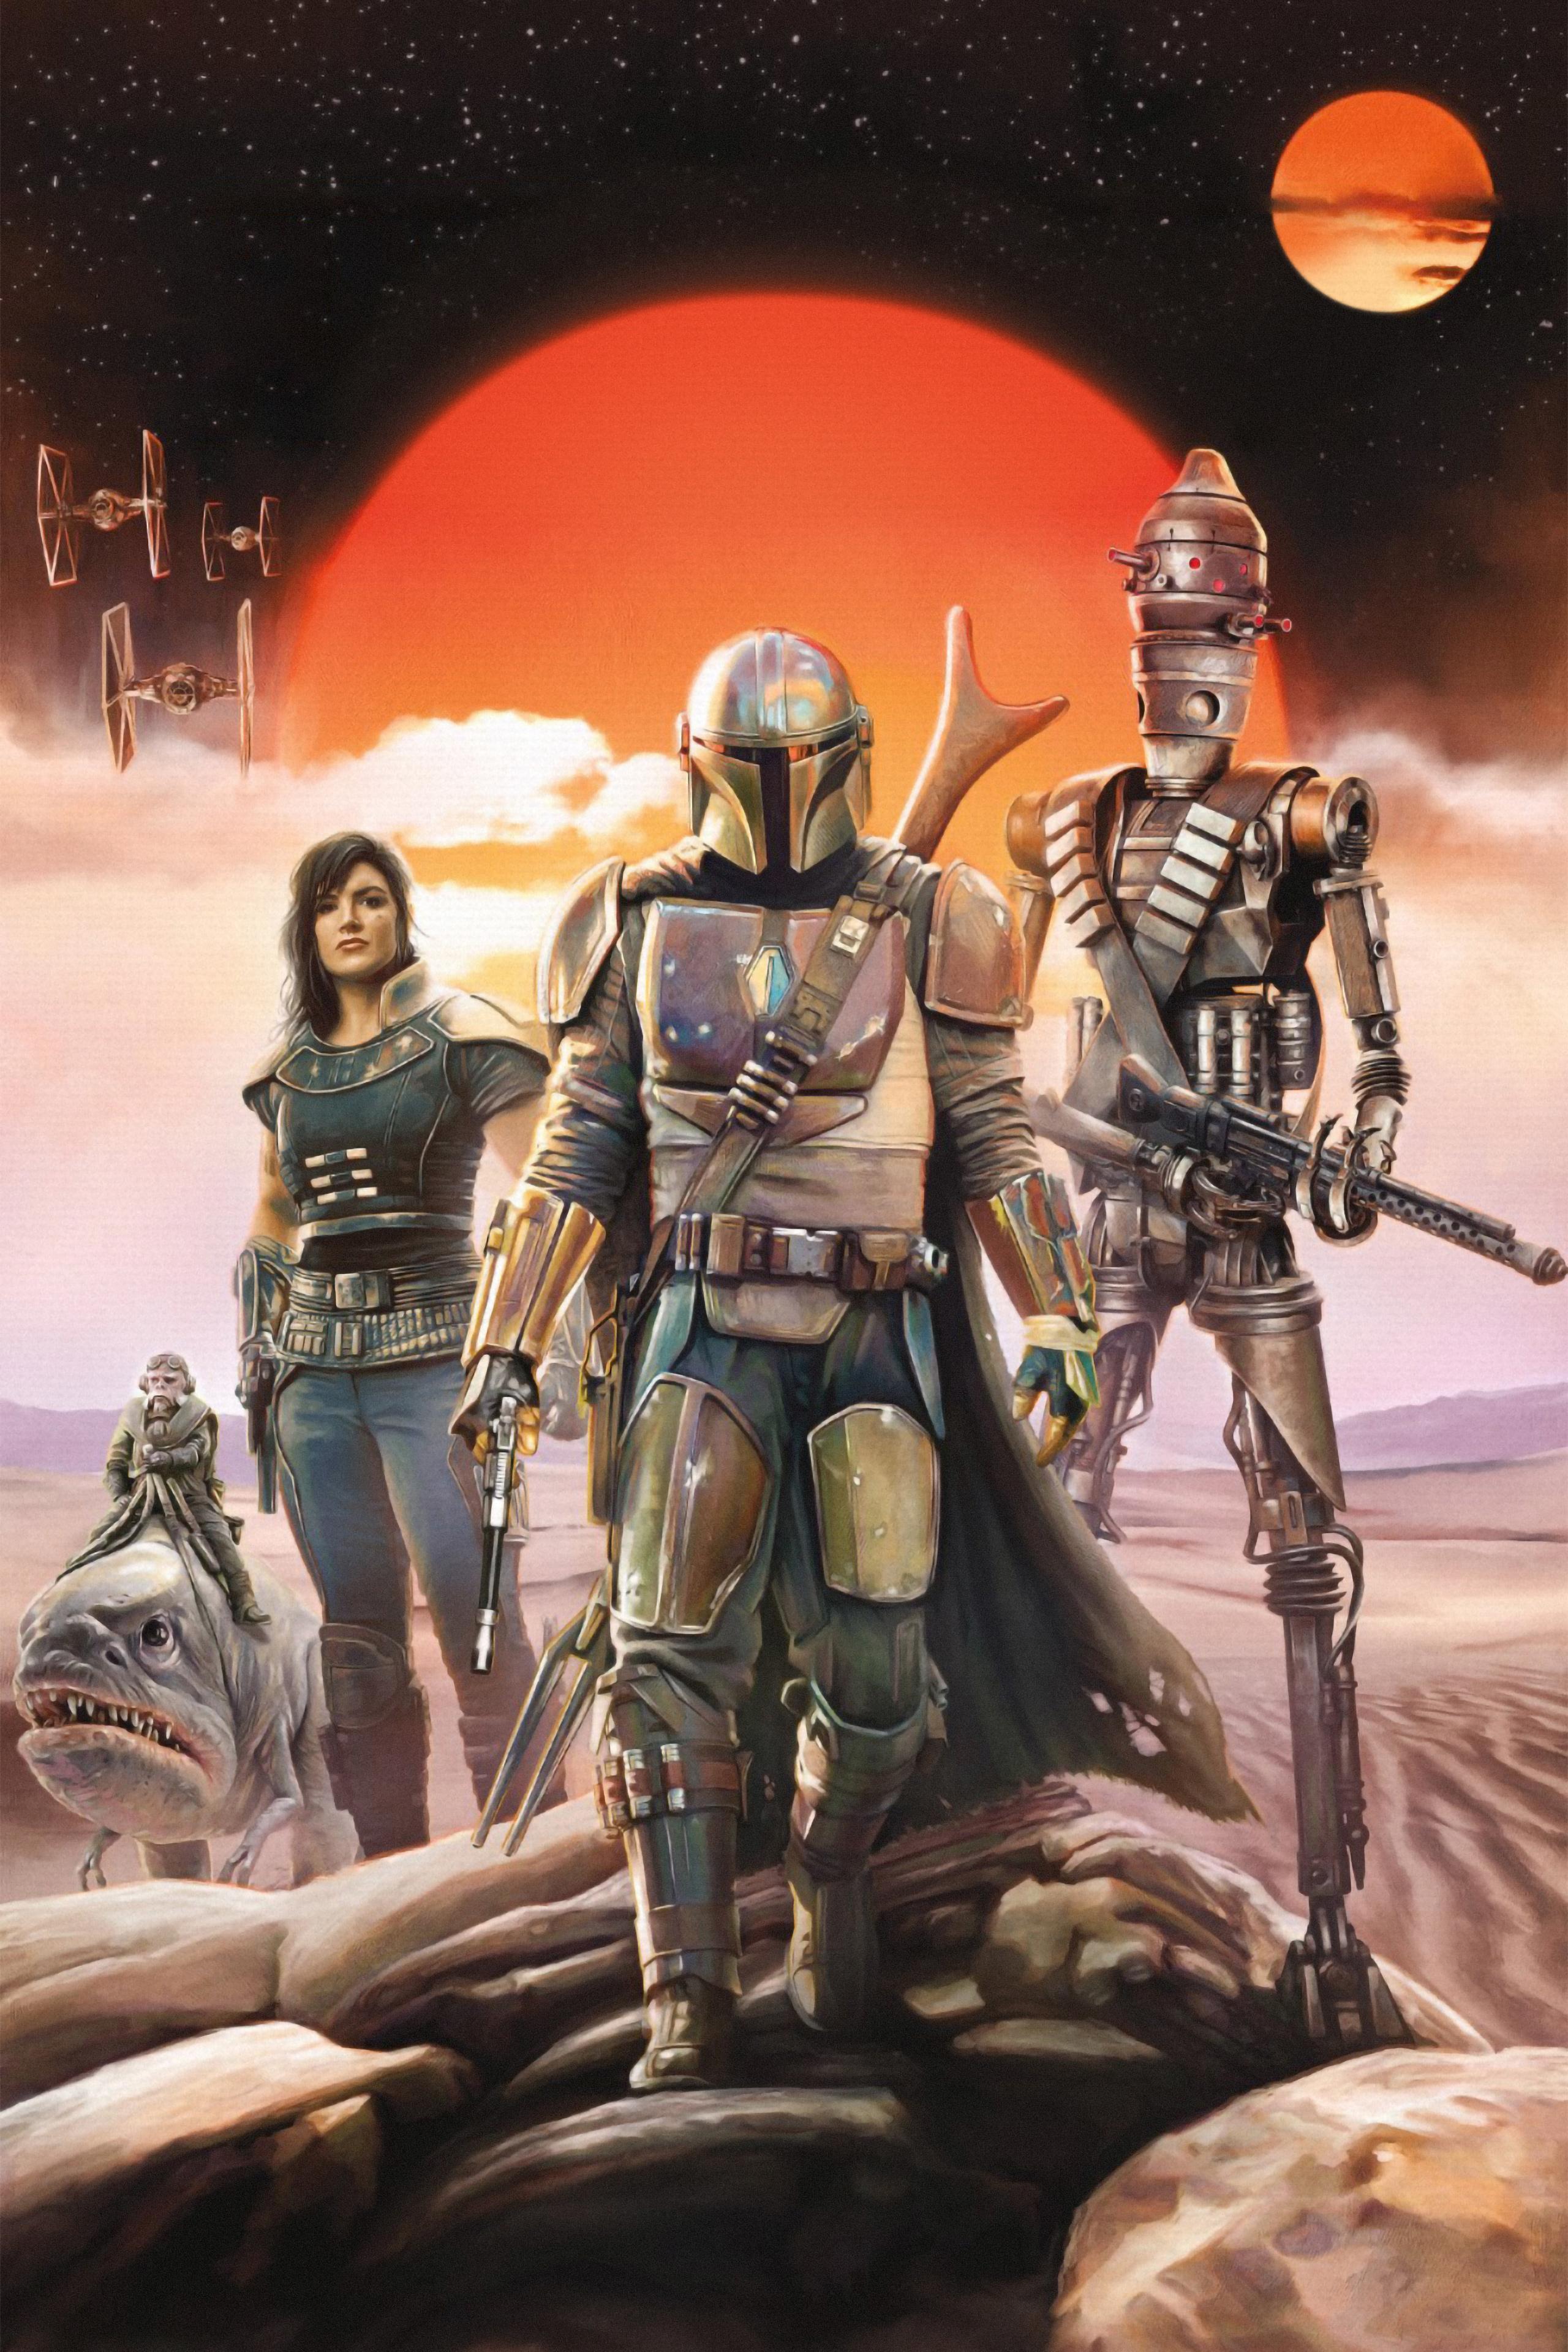 The Mandalorian Poster Wallpaper, HD TV Series 4K ...